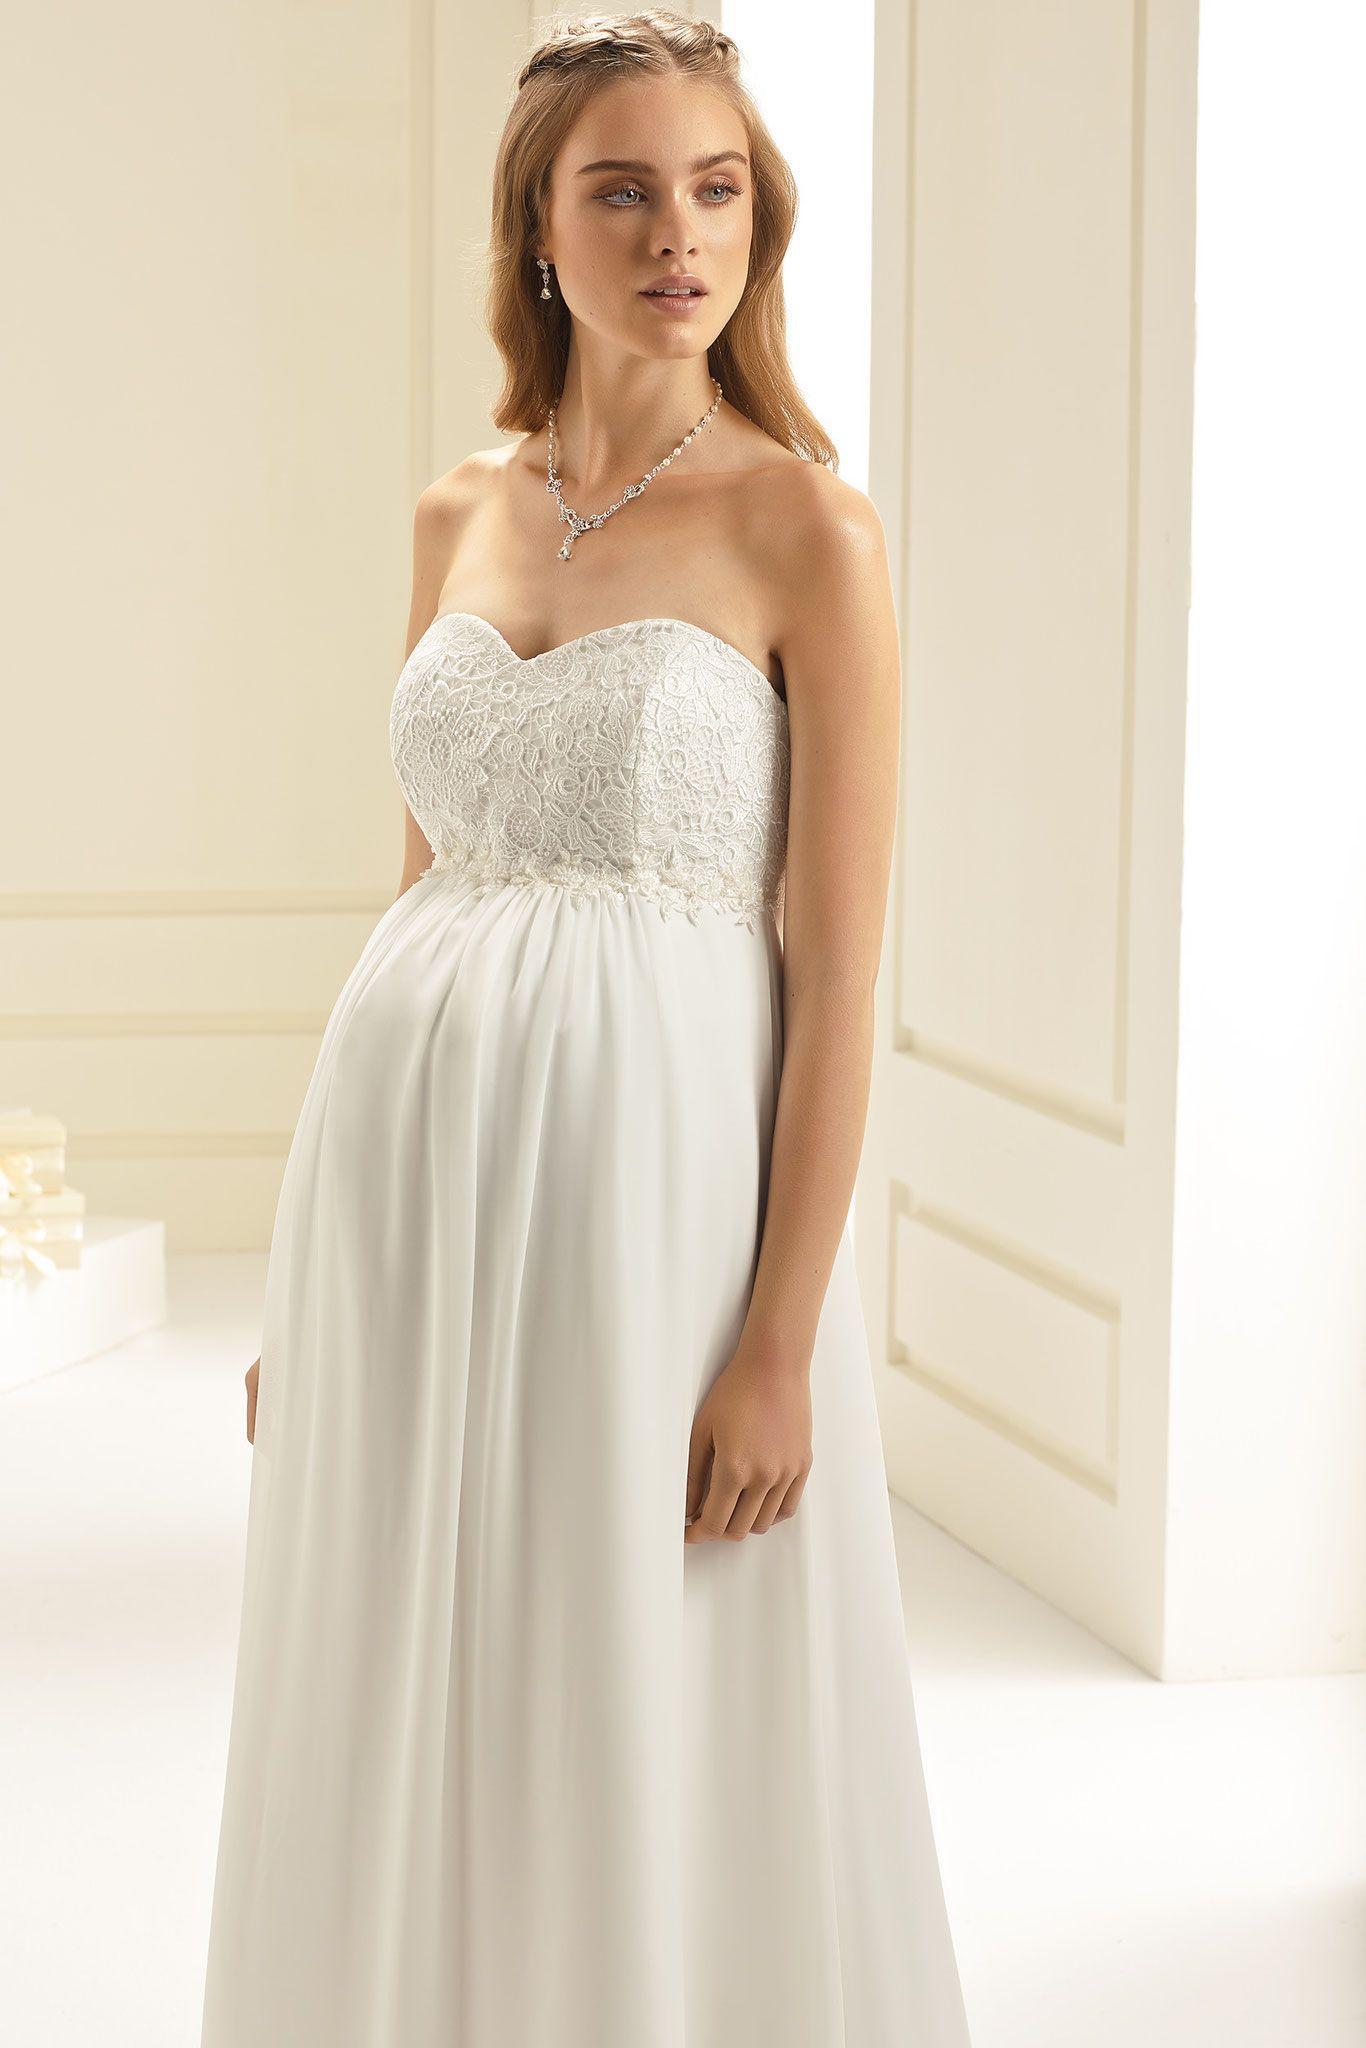 Umstands-Brautkleid aus hochwertigem Chiffon und Spitze. Bianca ...